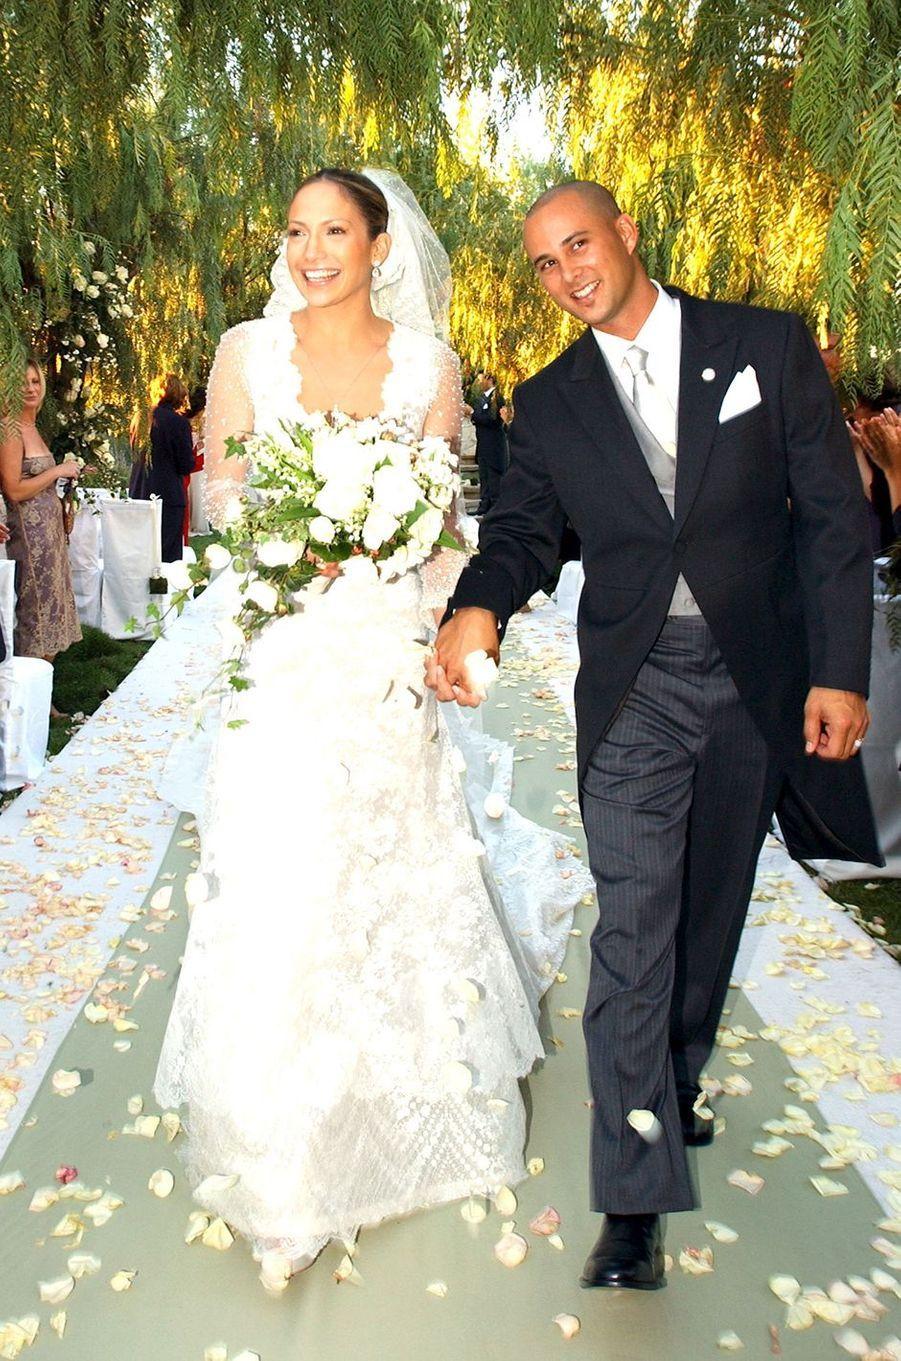 Jennifer Lopez et Cris Judd lors de leur mariage à Calabasas en septembre 2001.Le couple a été marié entre 2001 et 2002.